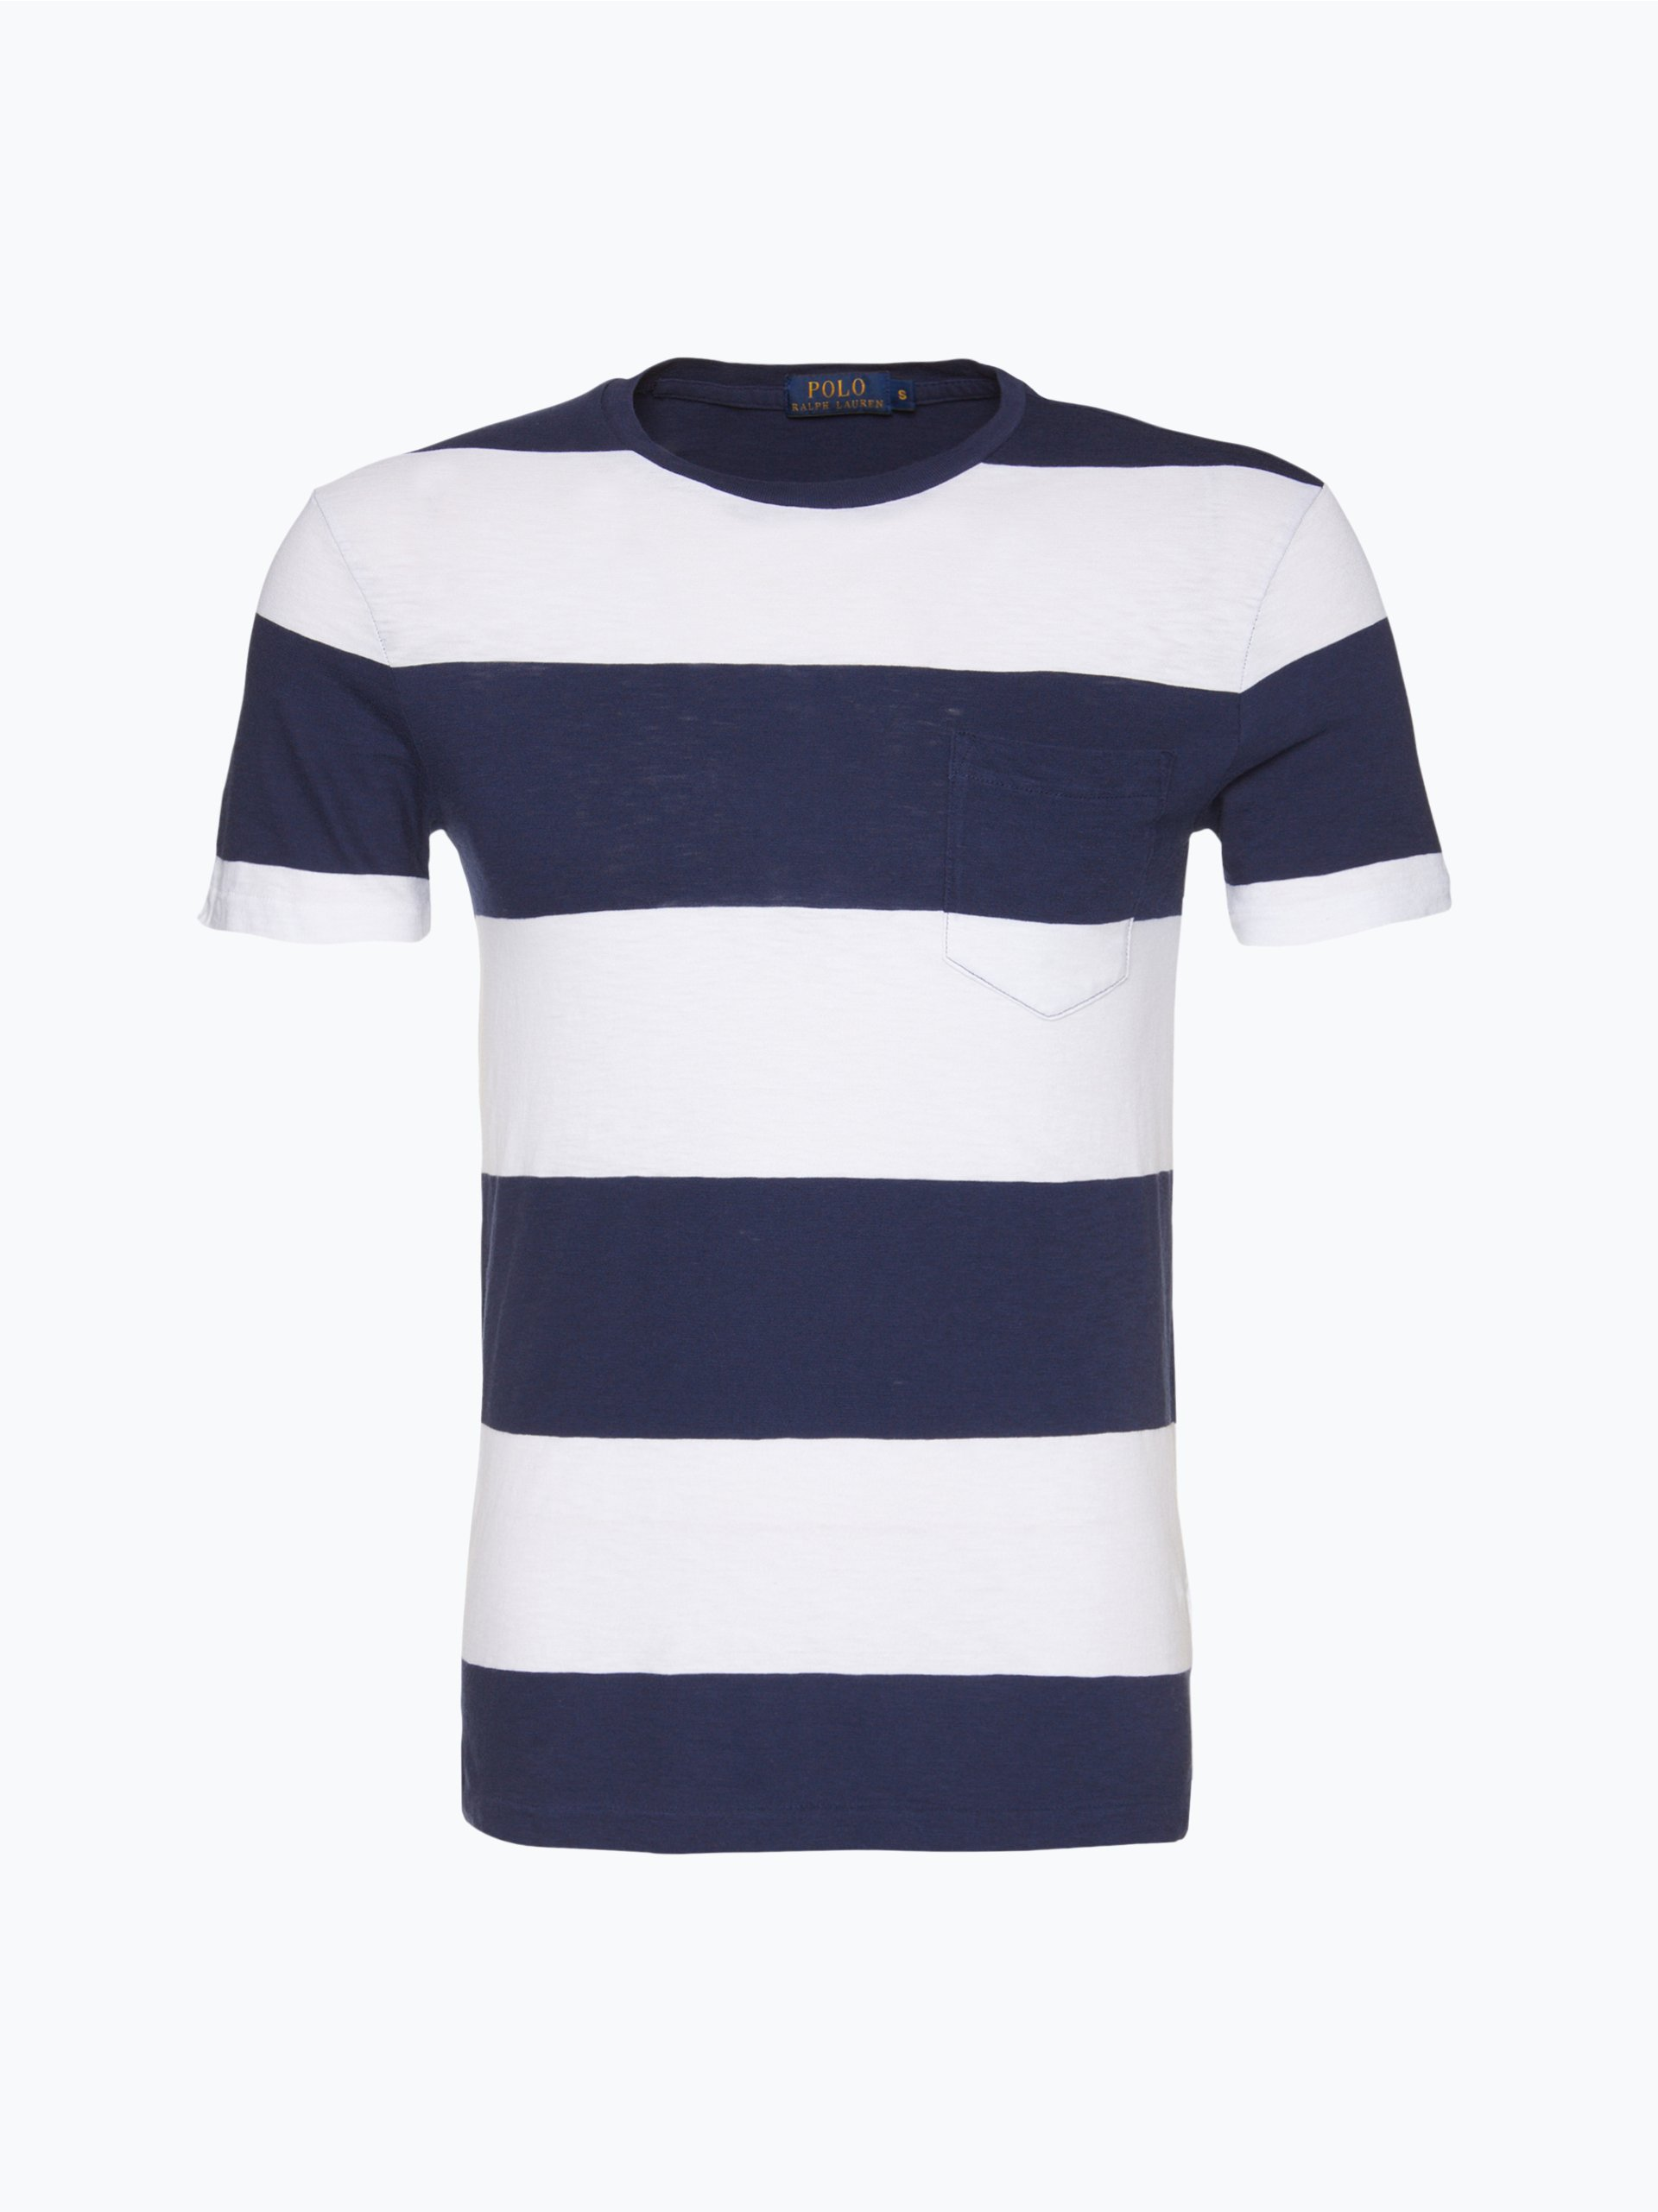 polo ralph lauren herren t shirt marine gestreift online kaufen vangraaf com. Black Bedroom Furniture Sets. Home Design Ideas